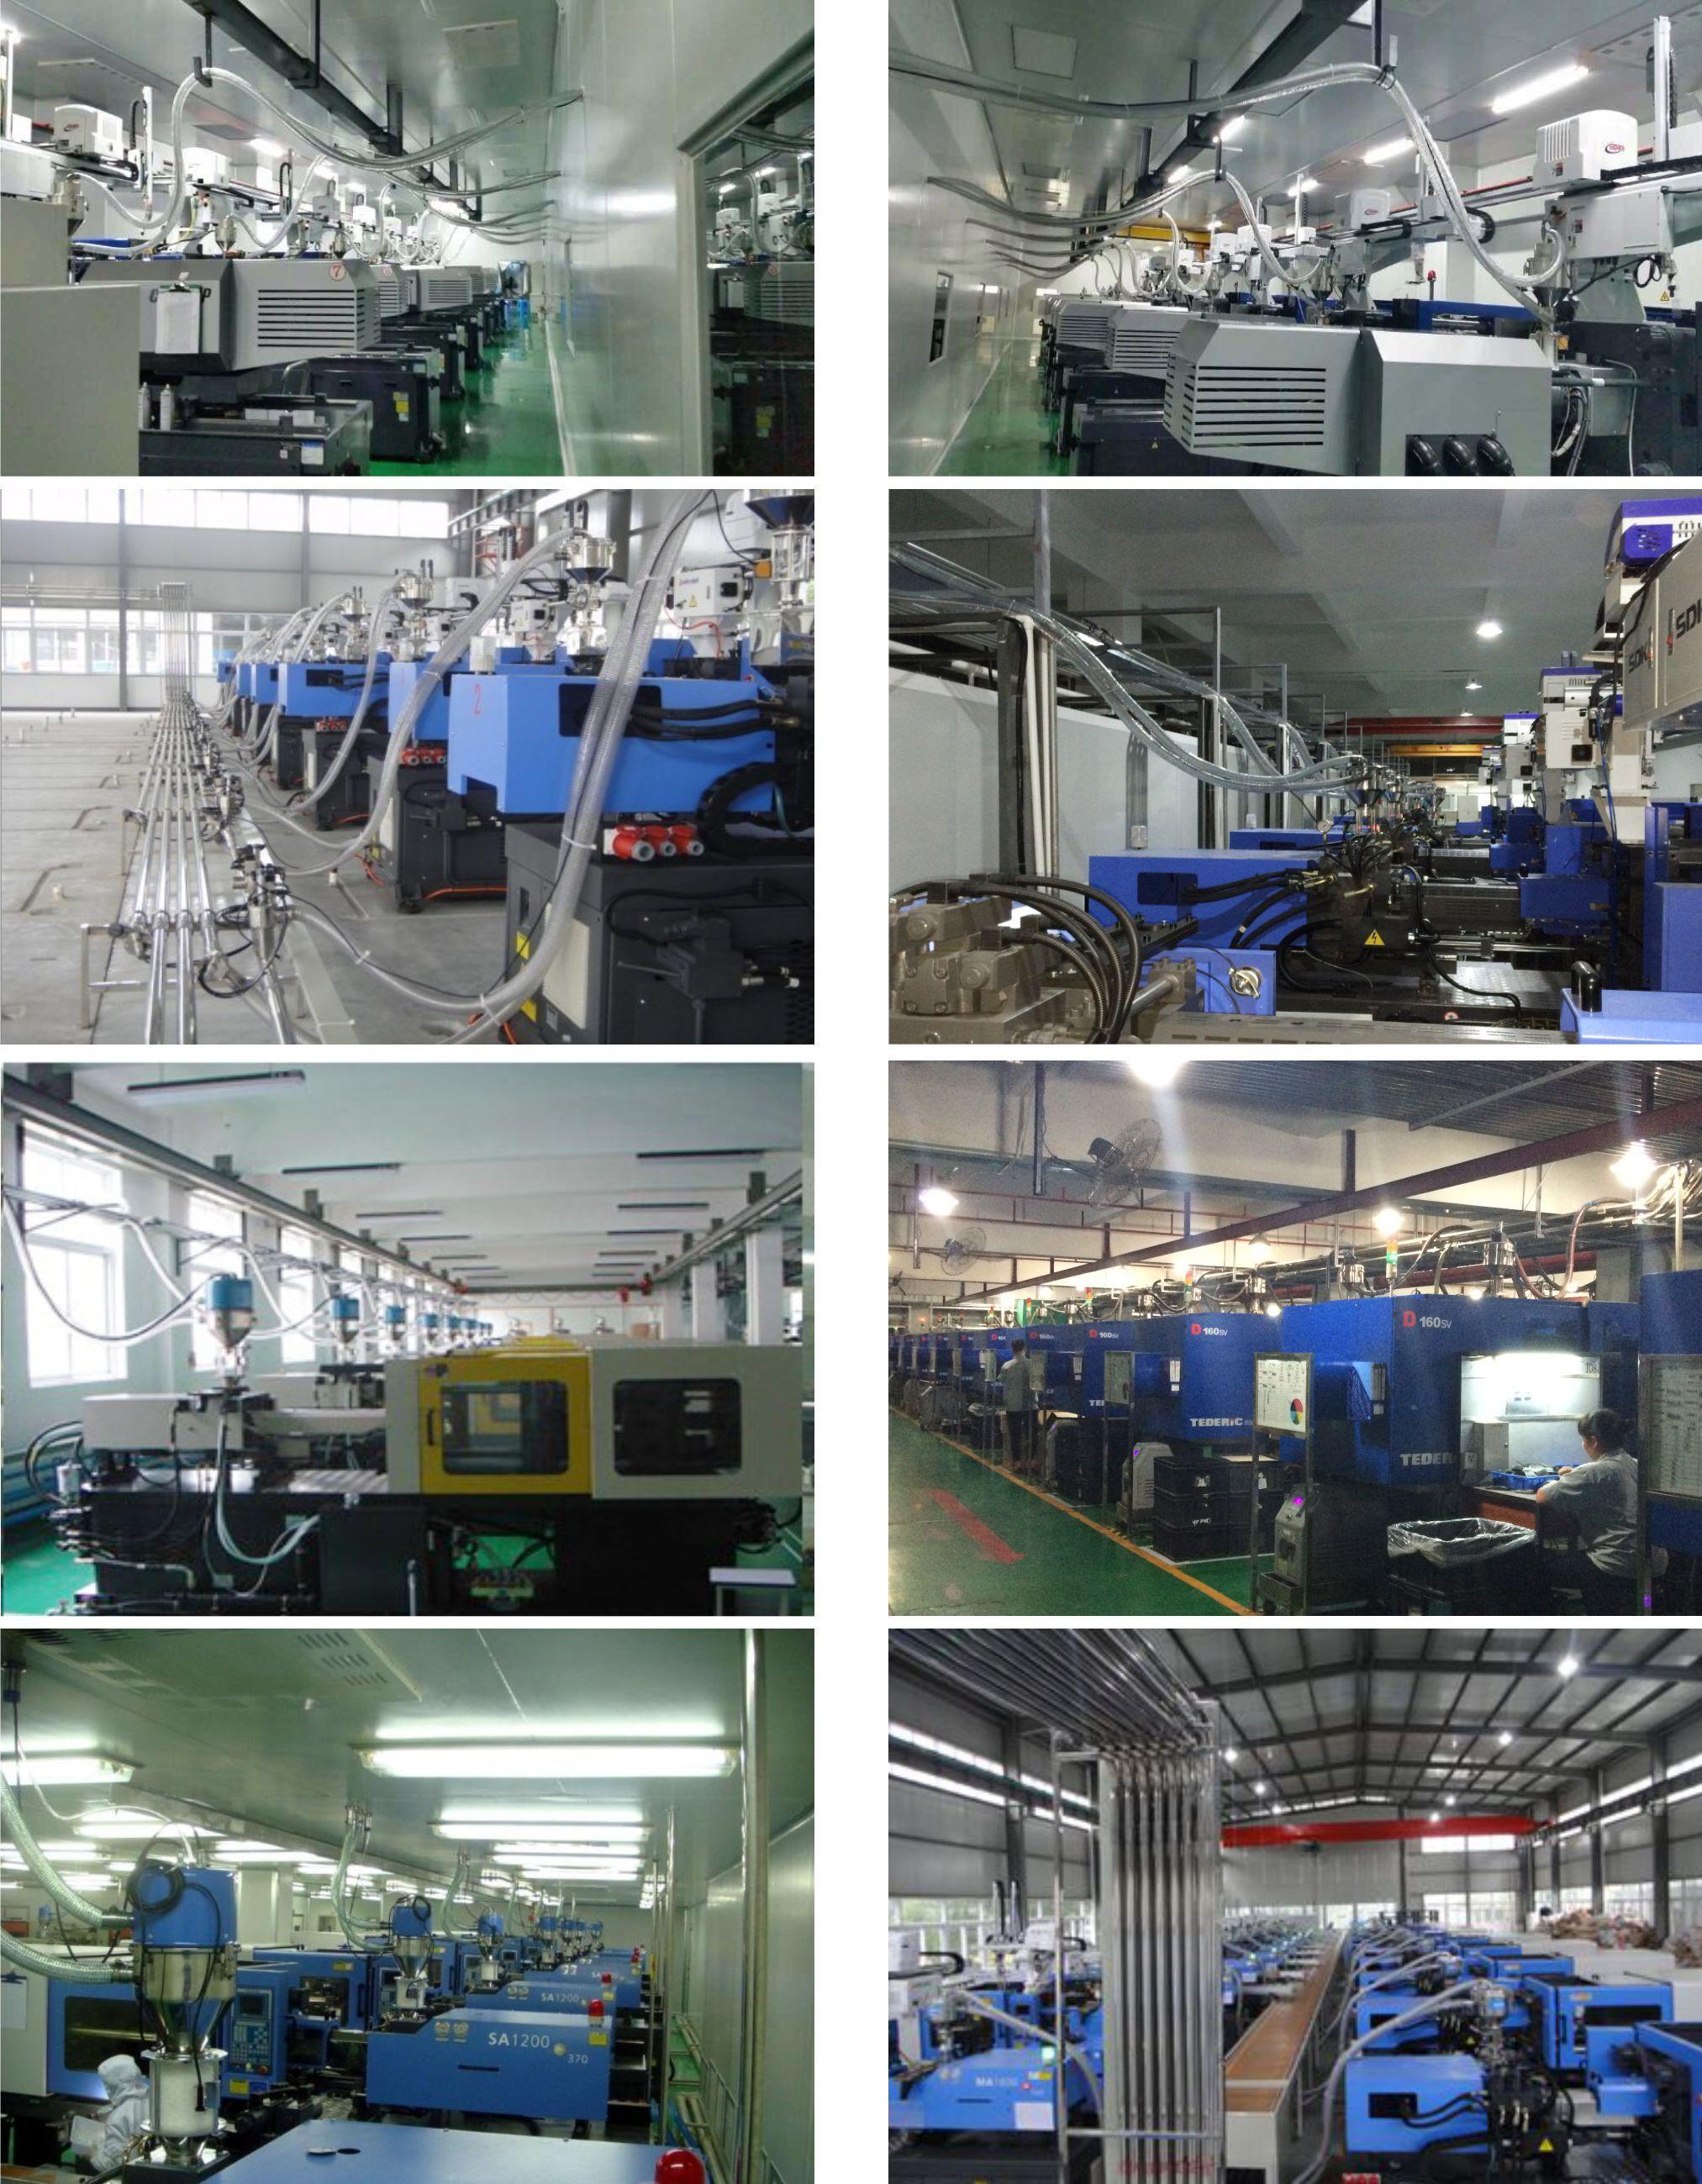 雍泓机械:中央供料系统案例分享图片